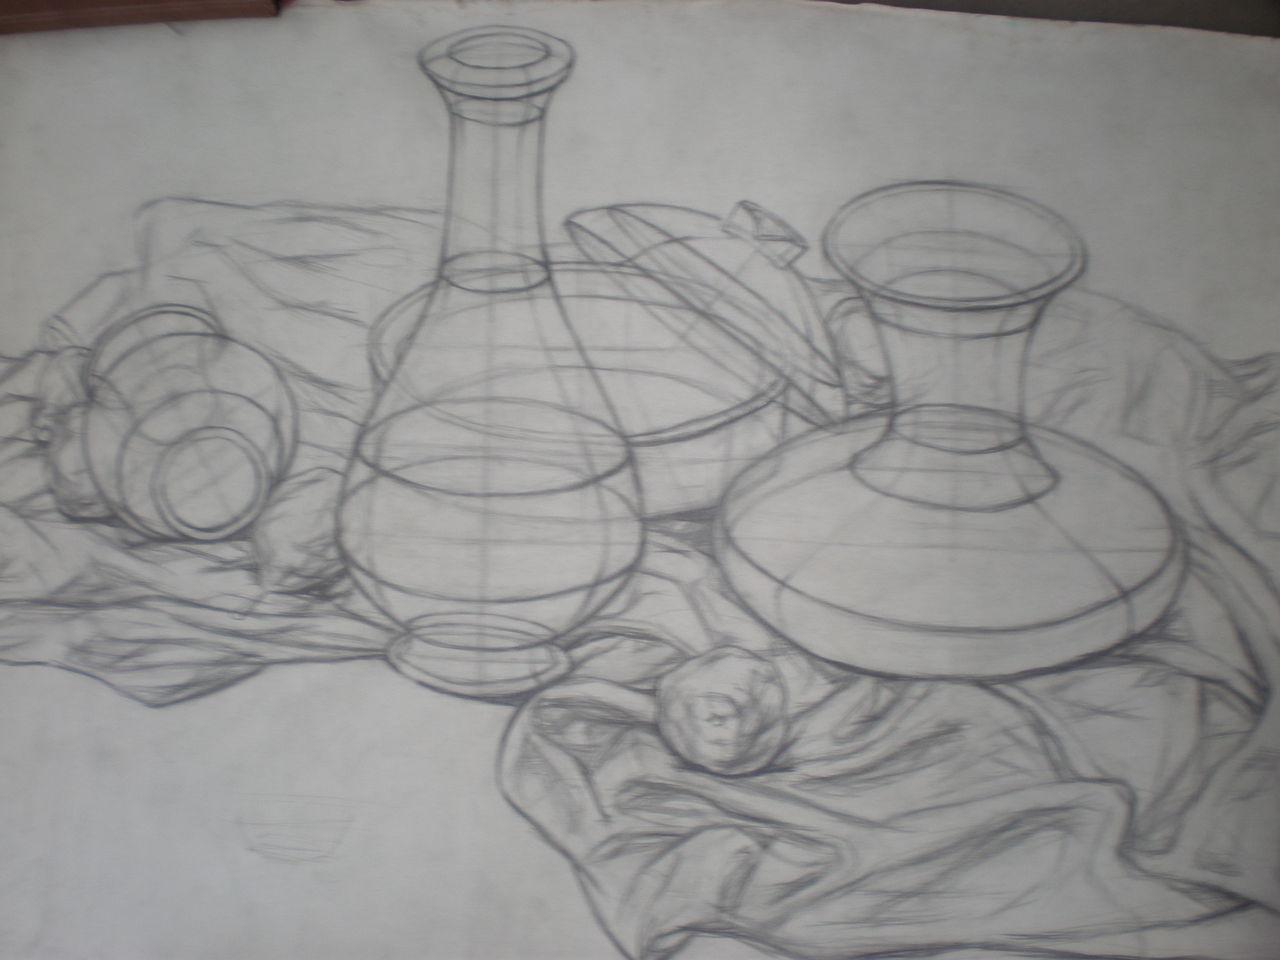 素描静物罐子画法 动漫素描眼睛的画法 风景素描树的画法 素描球体画图片